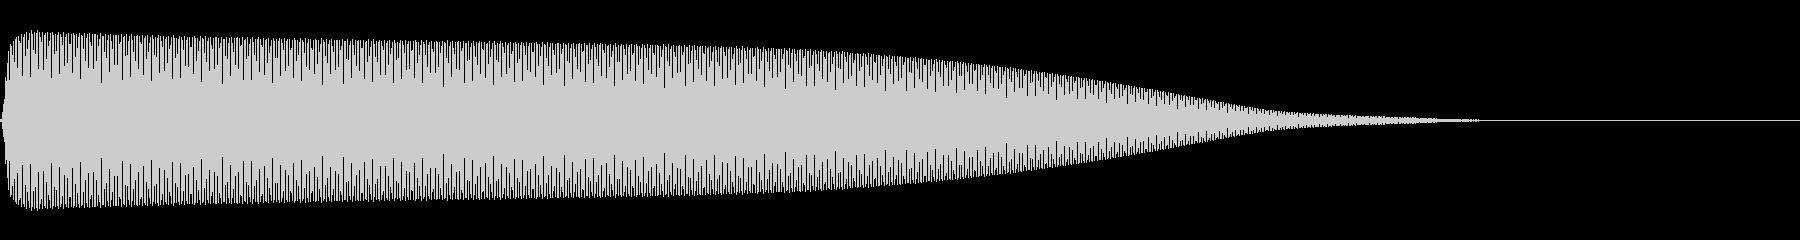 選択音 決定音 シンプル A02の未再生の波形